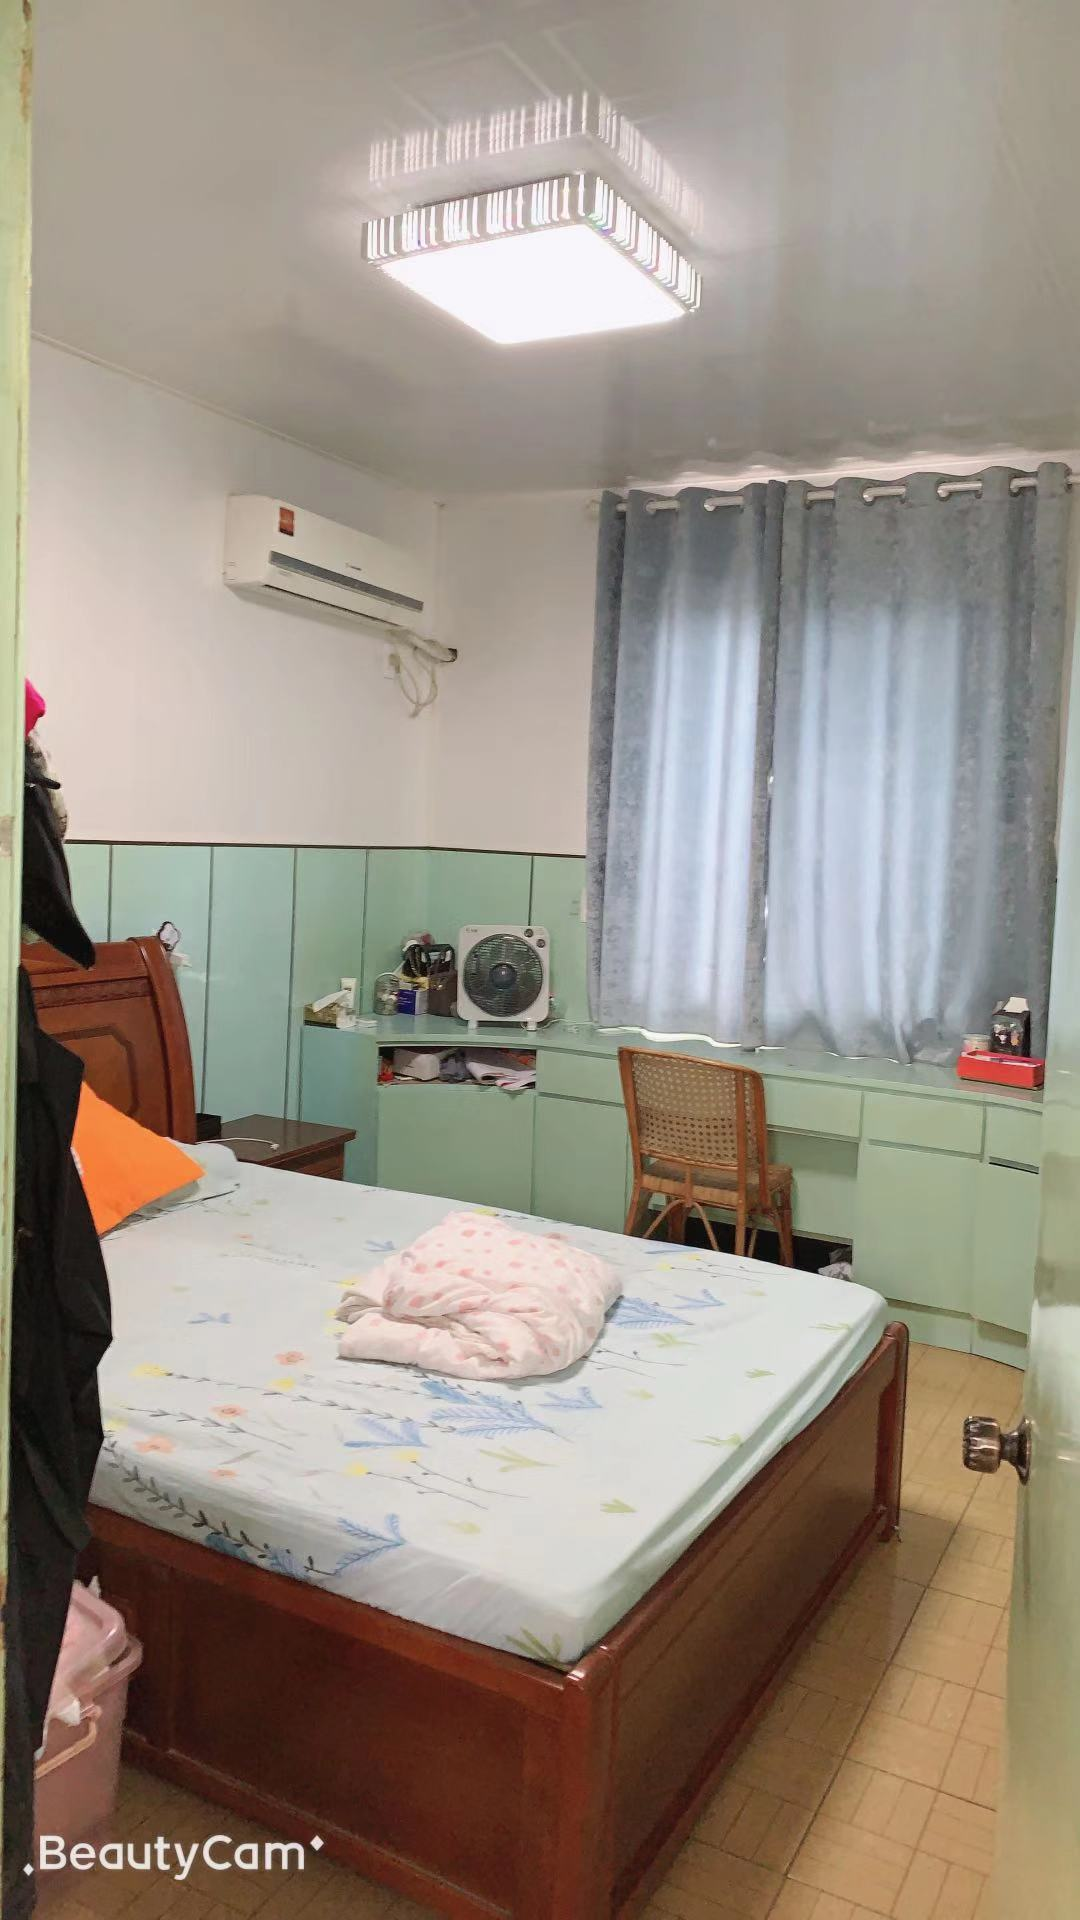 浴美施路鎮小、二房一廳、送露臺、簡裝、家電齊全,誠售